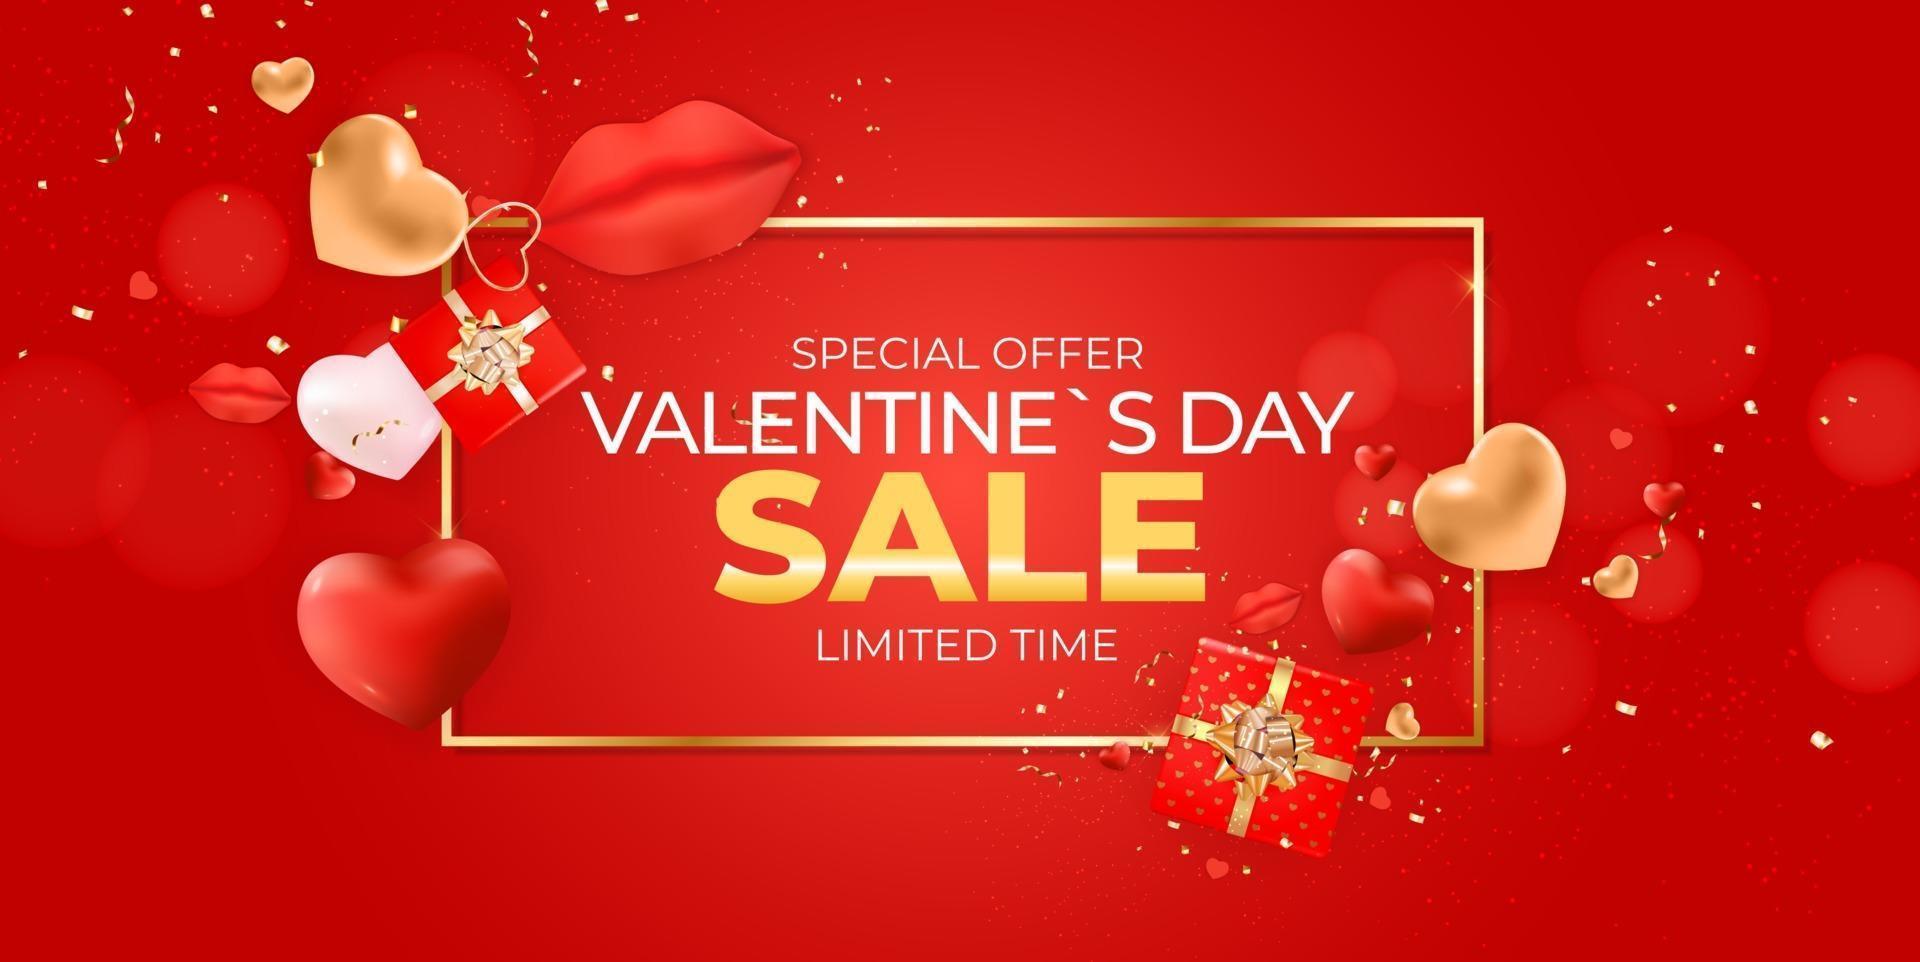 banner di vendita di san valentino con cornice dorata vettore